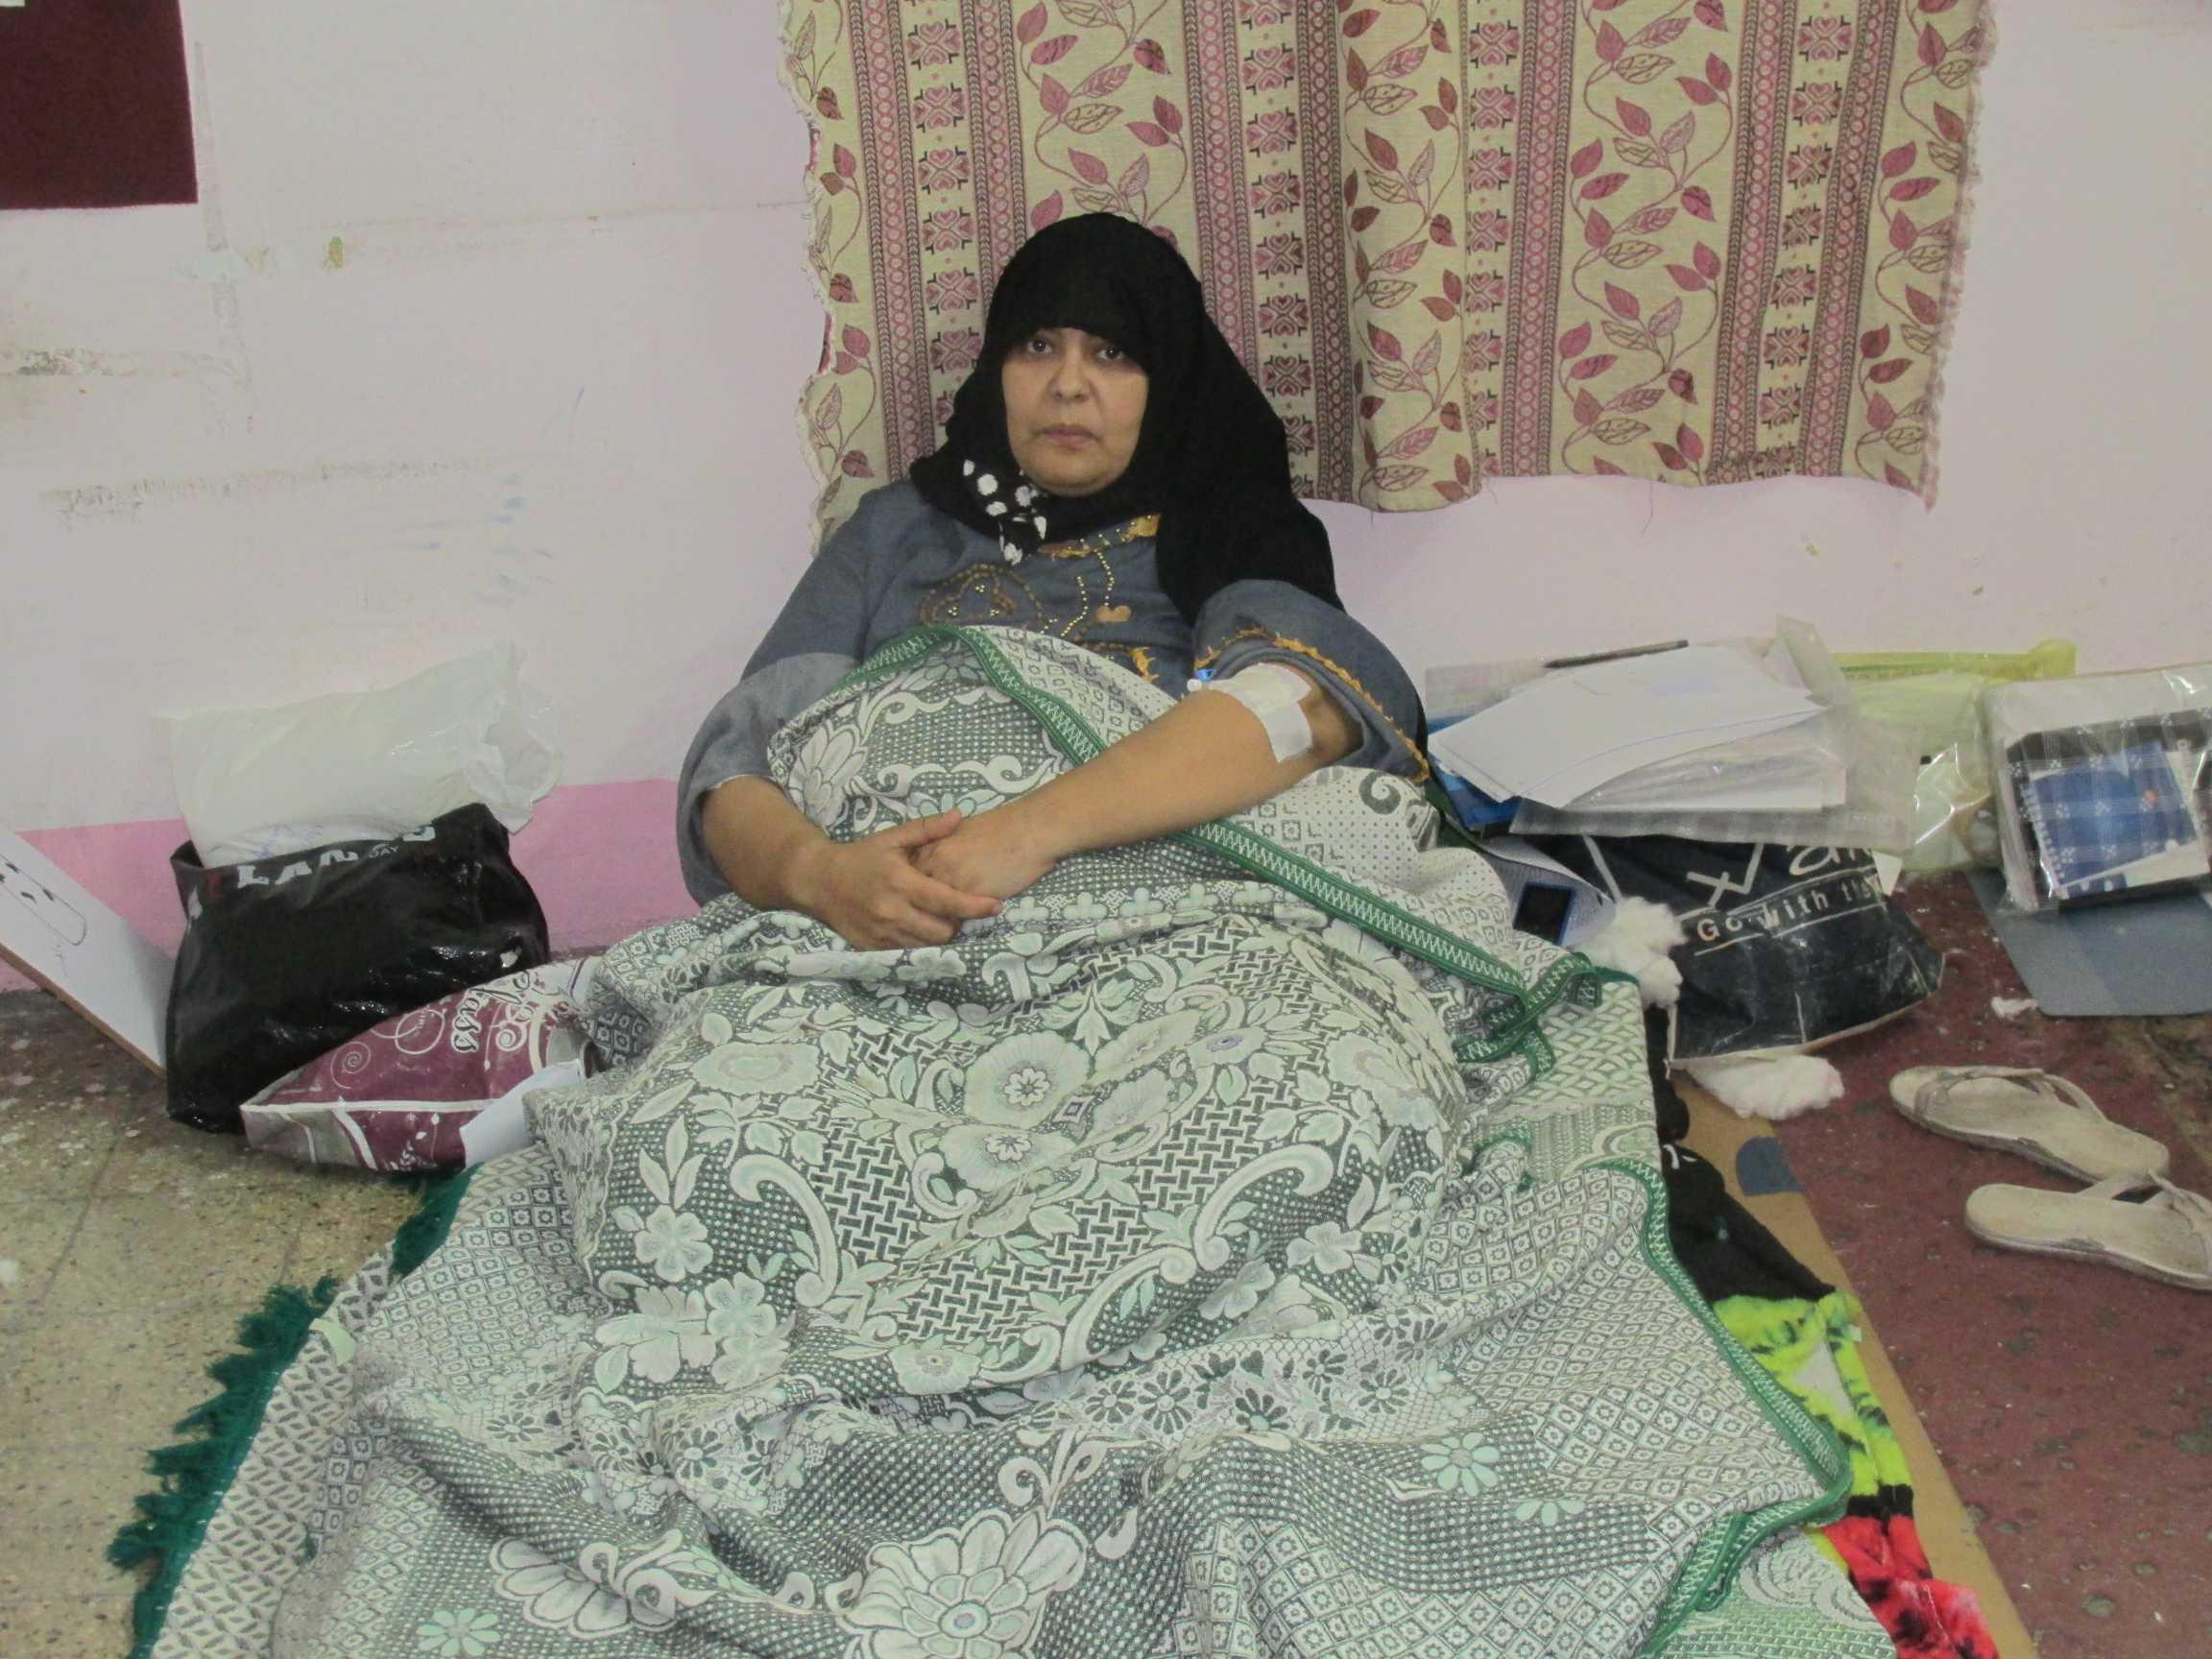 الممرضة المضربة داخل مكتب الصحة والسلامة المهنية بحميات بورسعيد